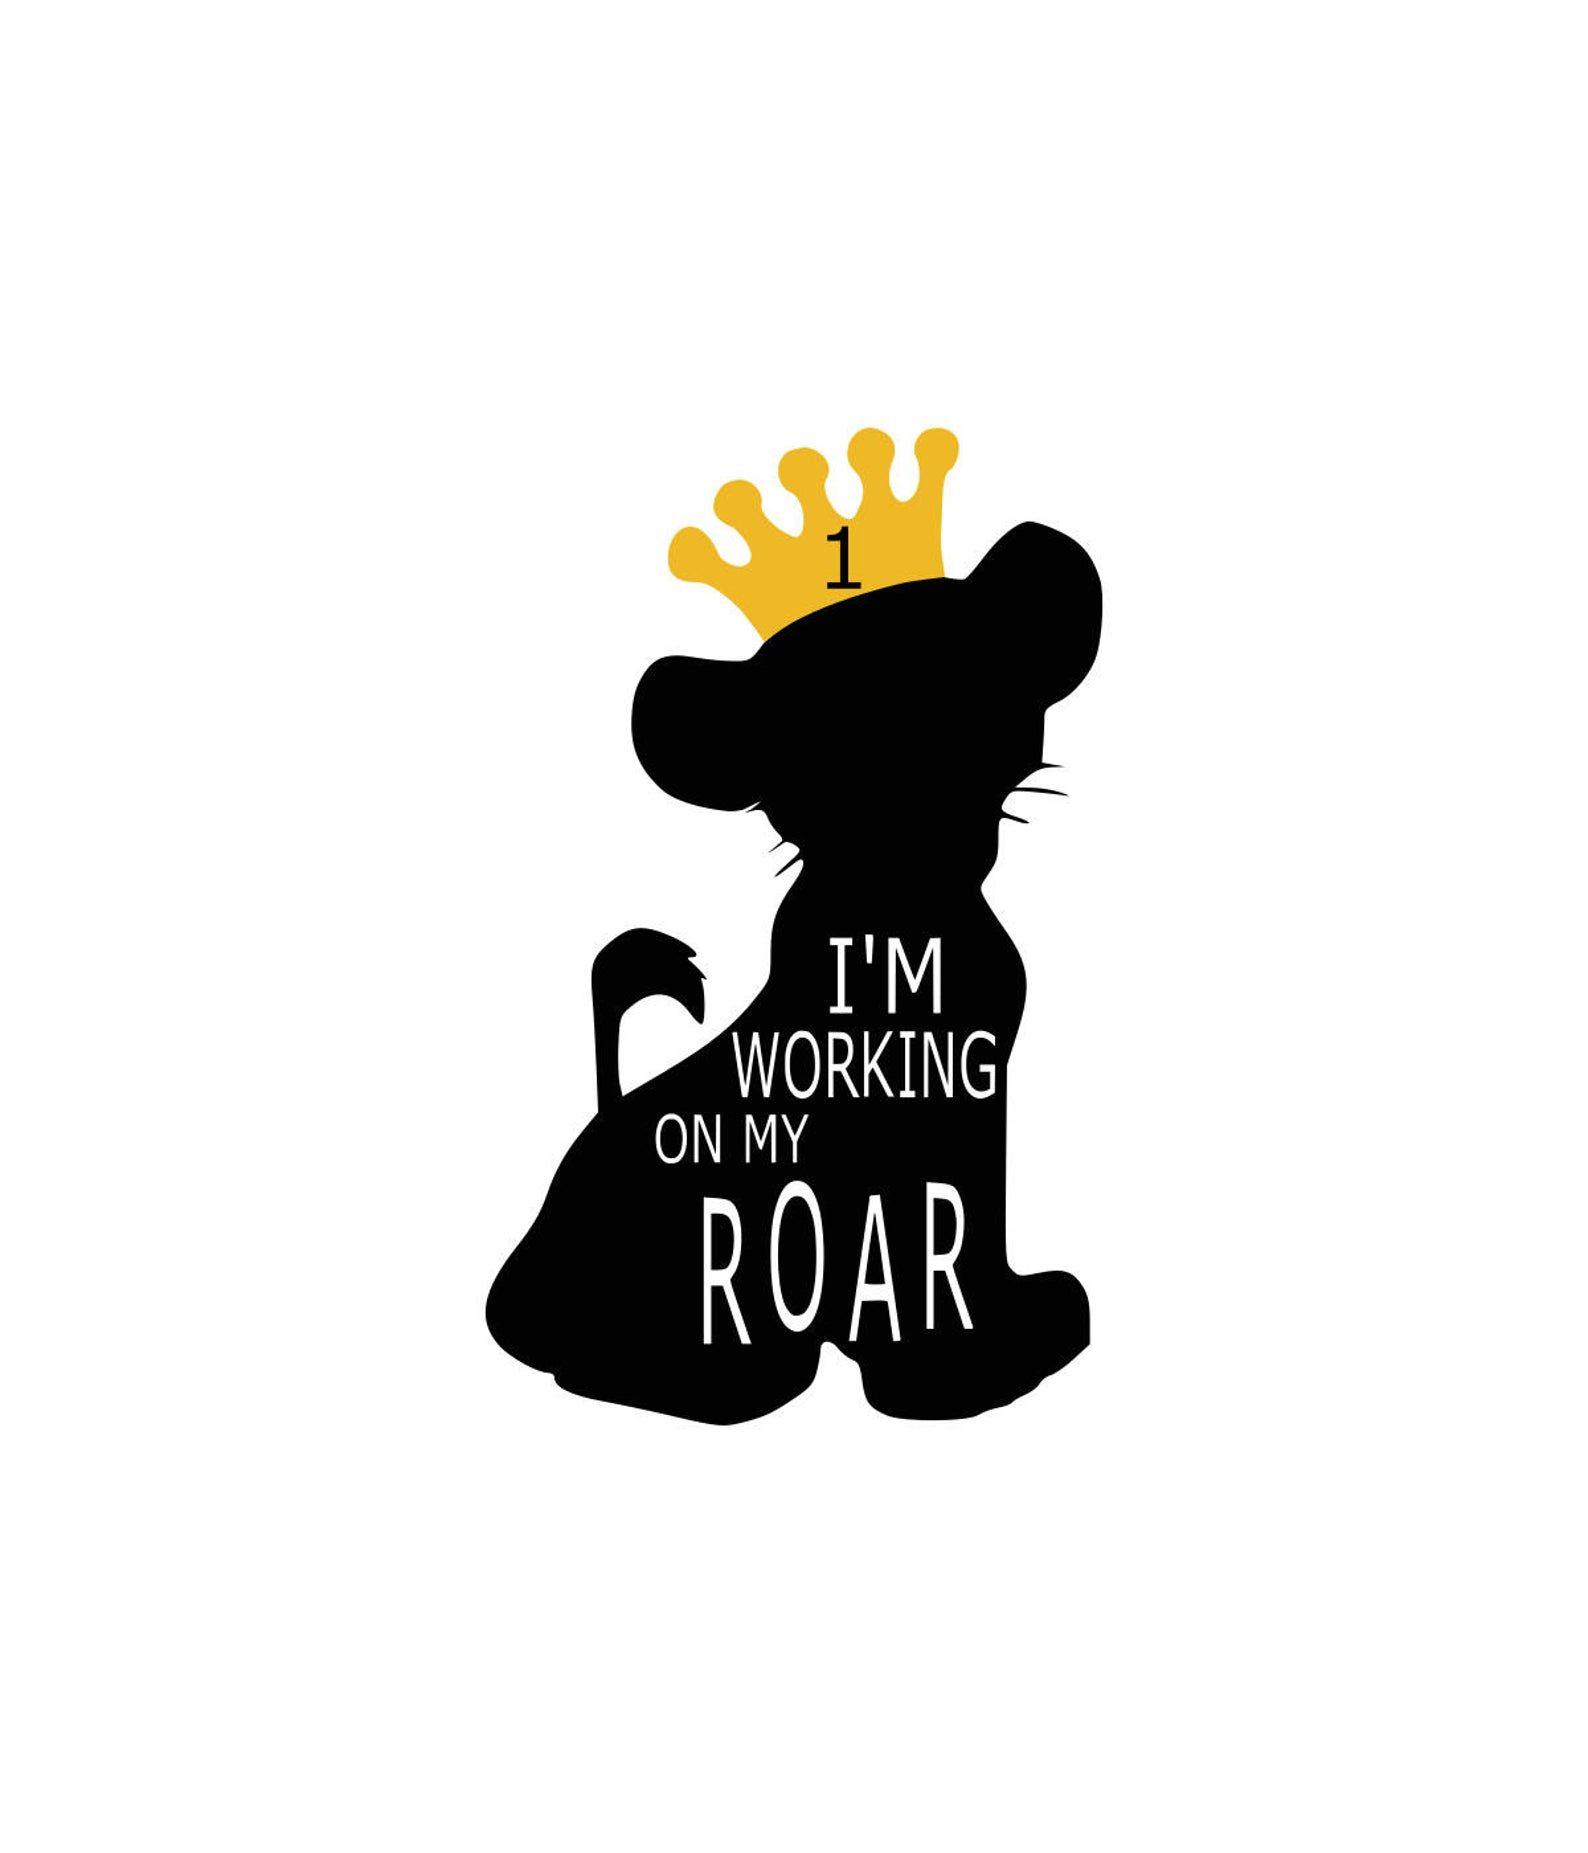 Lion King Svg Simba Svg Lion Svg Disney Svg Disney Files Etsy Lion King Drawings Lion King Lion King Quotes